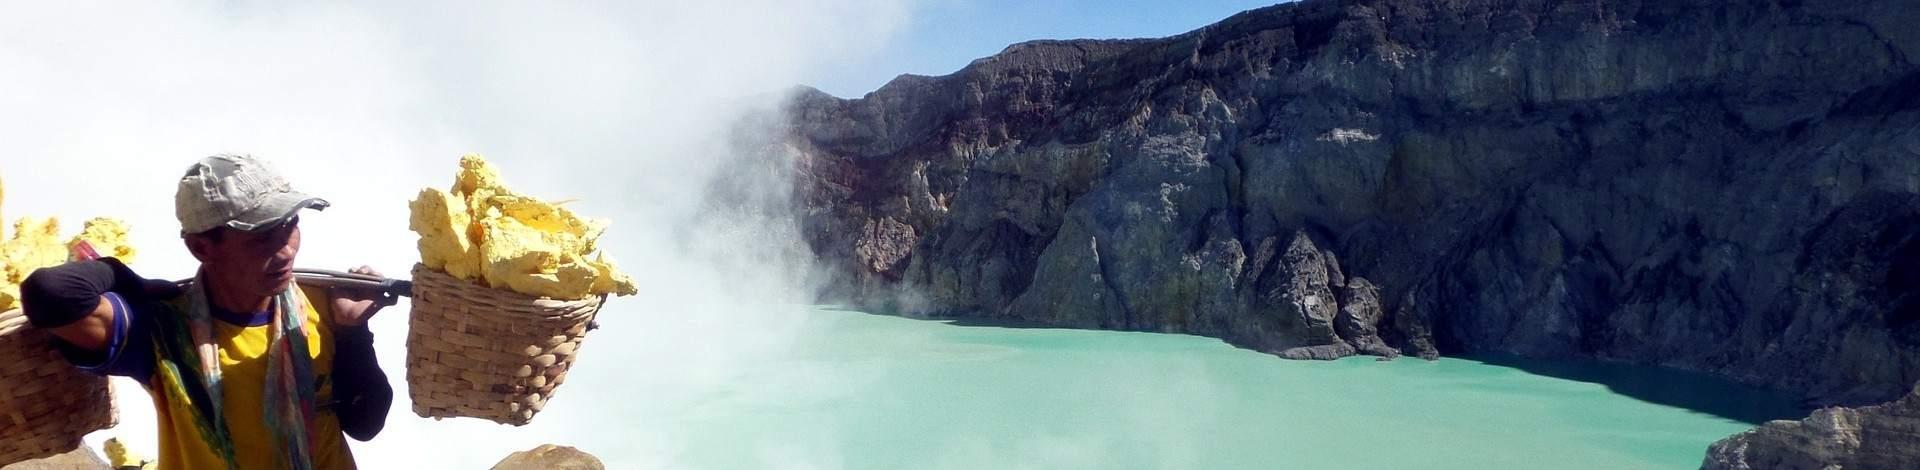 Kawah Ijen porteur soufre lac turquoise volcan Java